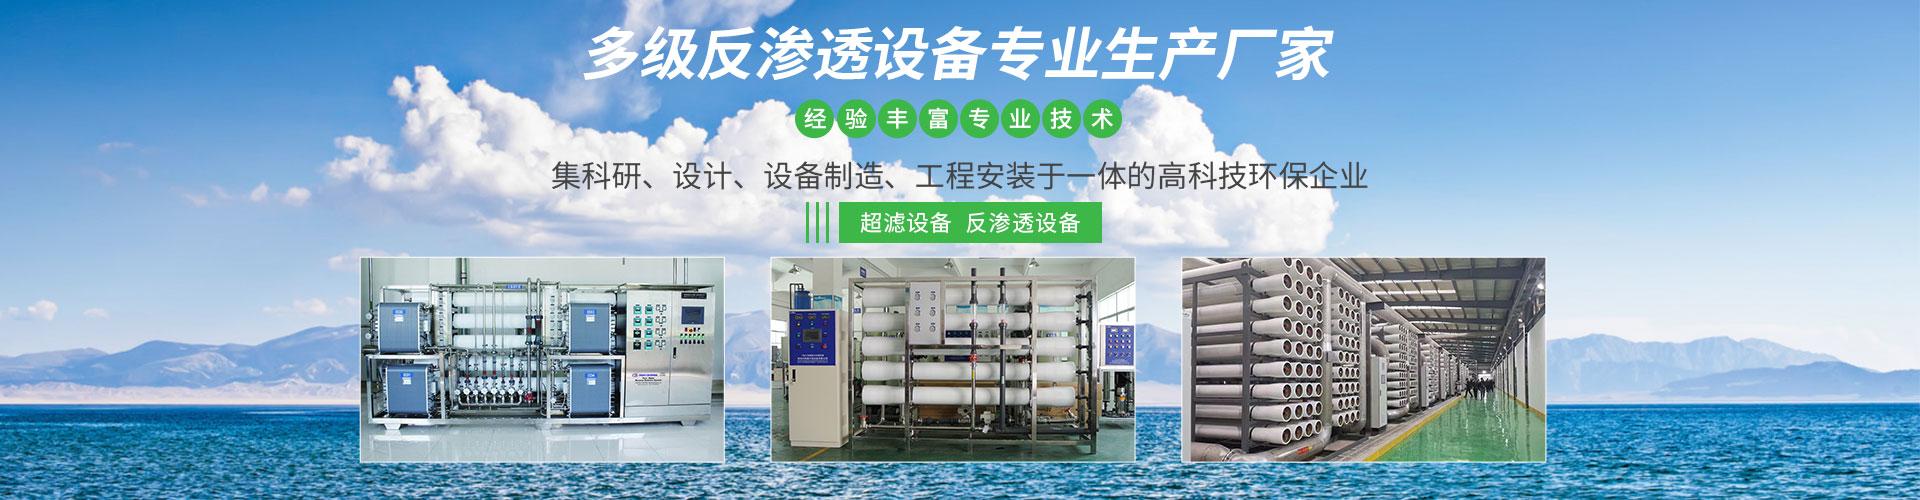 反渗透设备专业生产厂家